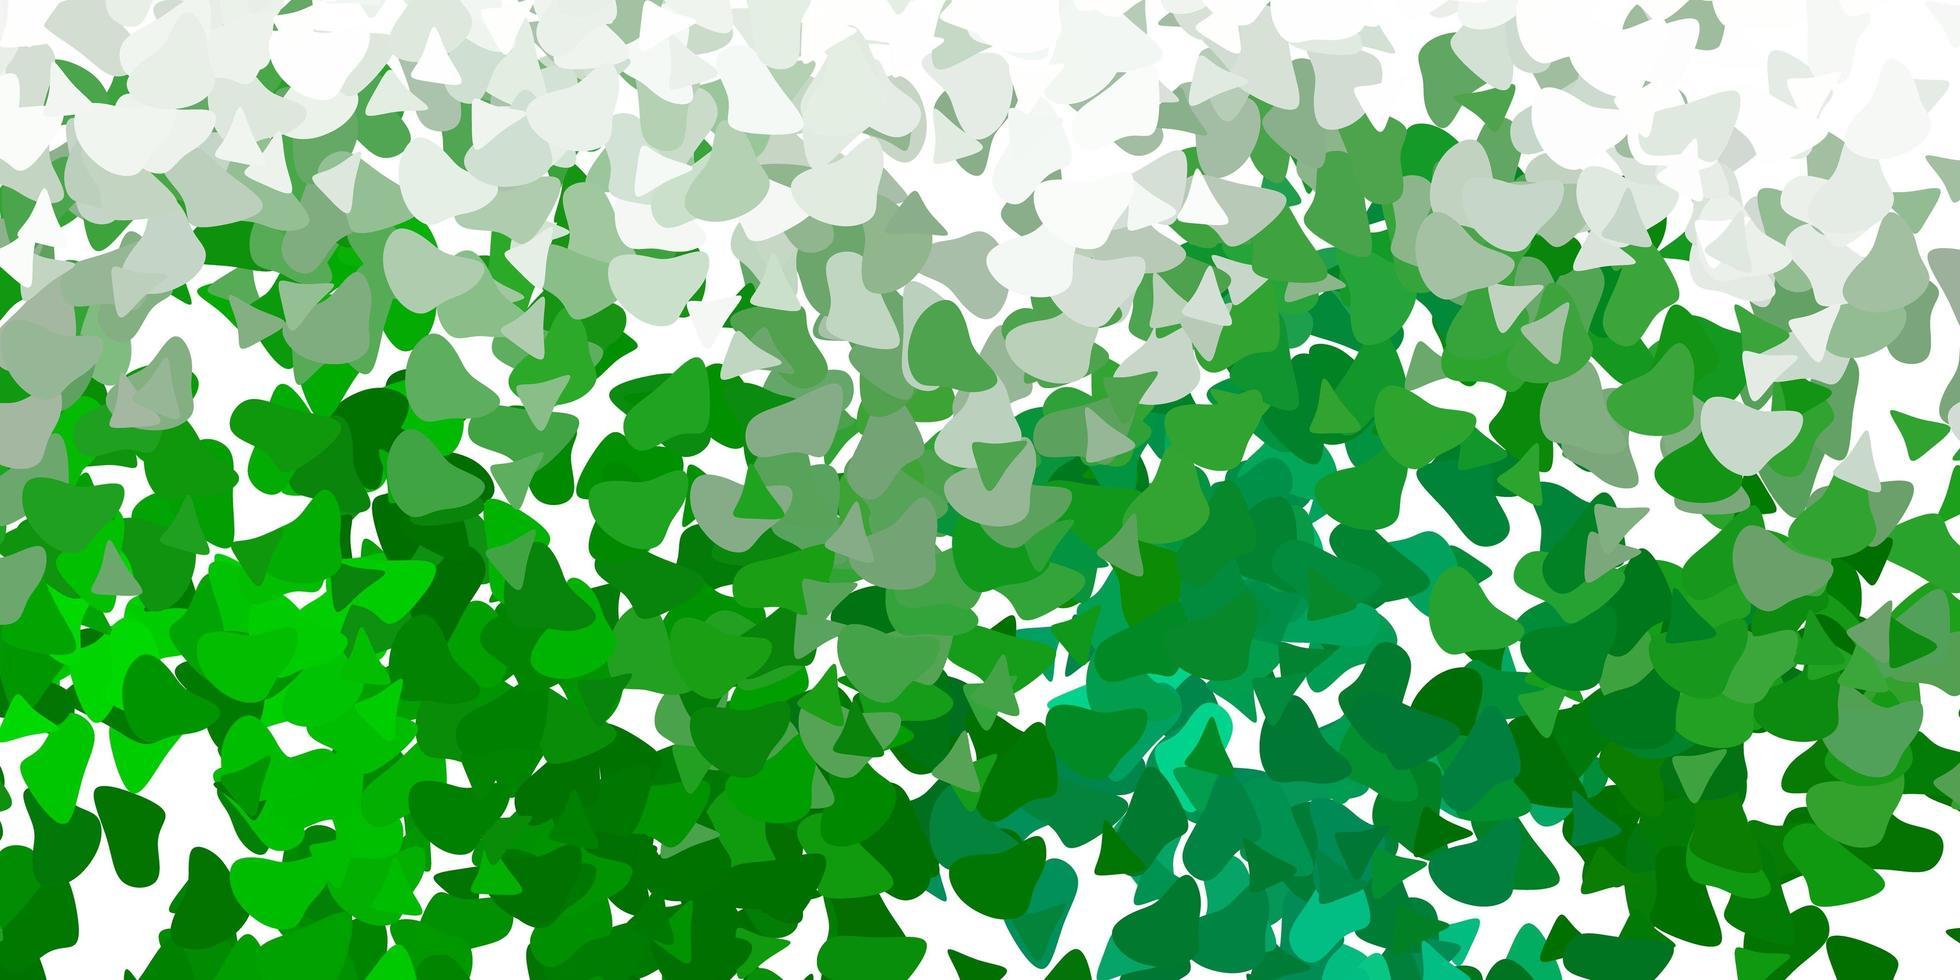 sfondo vettoriale verde chiaro con forme caotiche